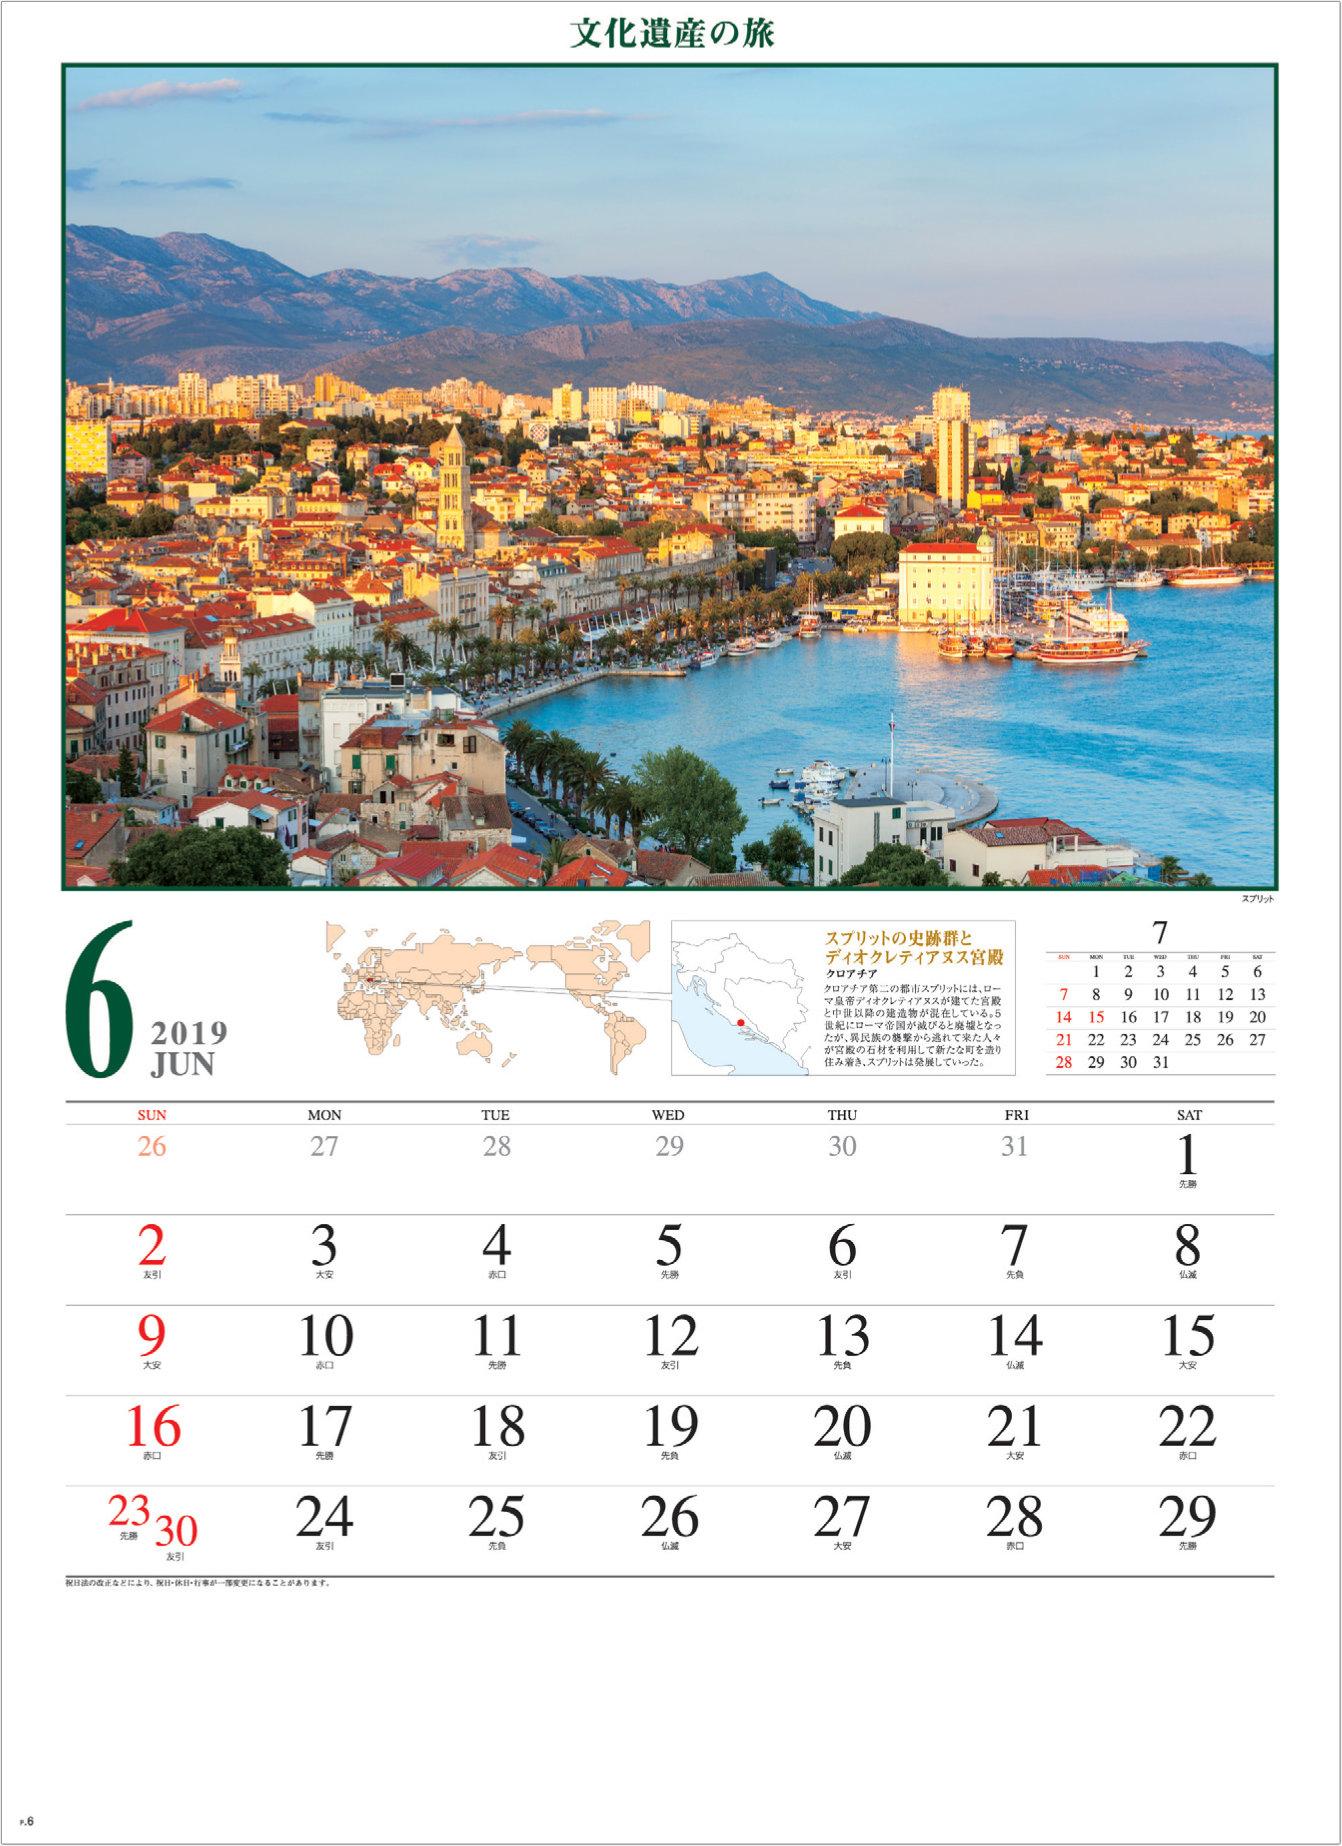 画像:クロアチアの都市 スプリト 文化遺産の旅(ユネスコ世界遺産) 2019年カレンダー